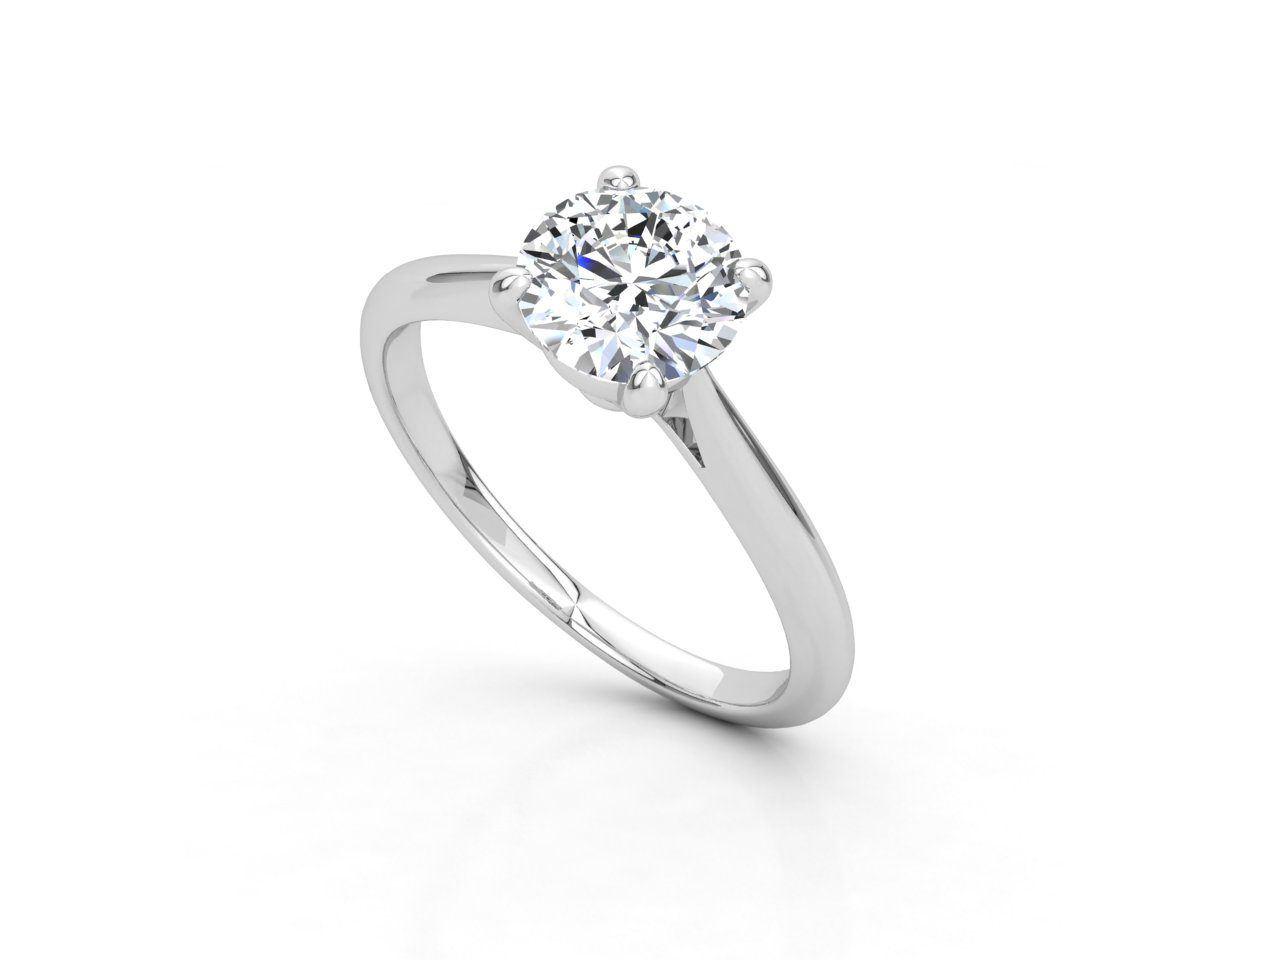 טבעת-אירוסין-זהב-לבן-סוליטר-קלאסית-עם-יהלום-מרכזי-0.83-קראט-8